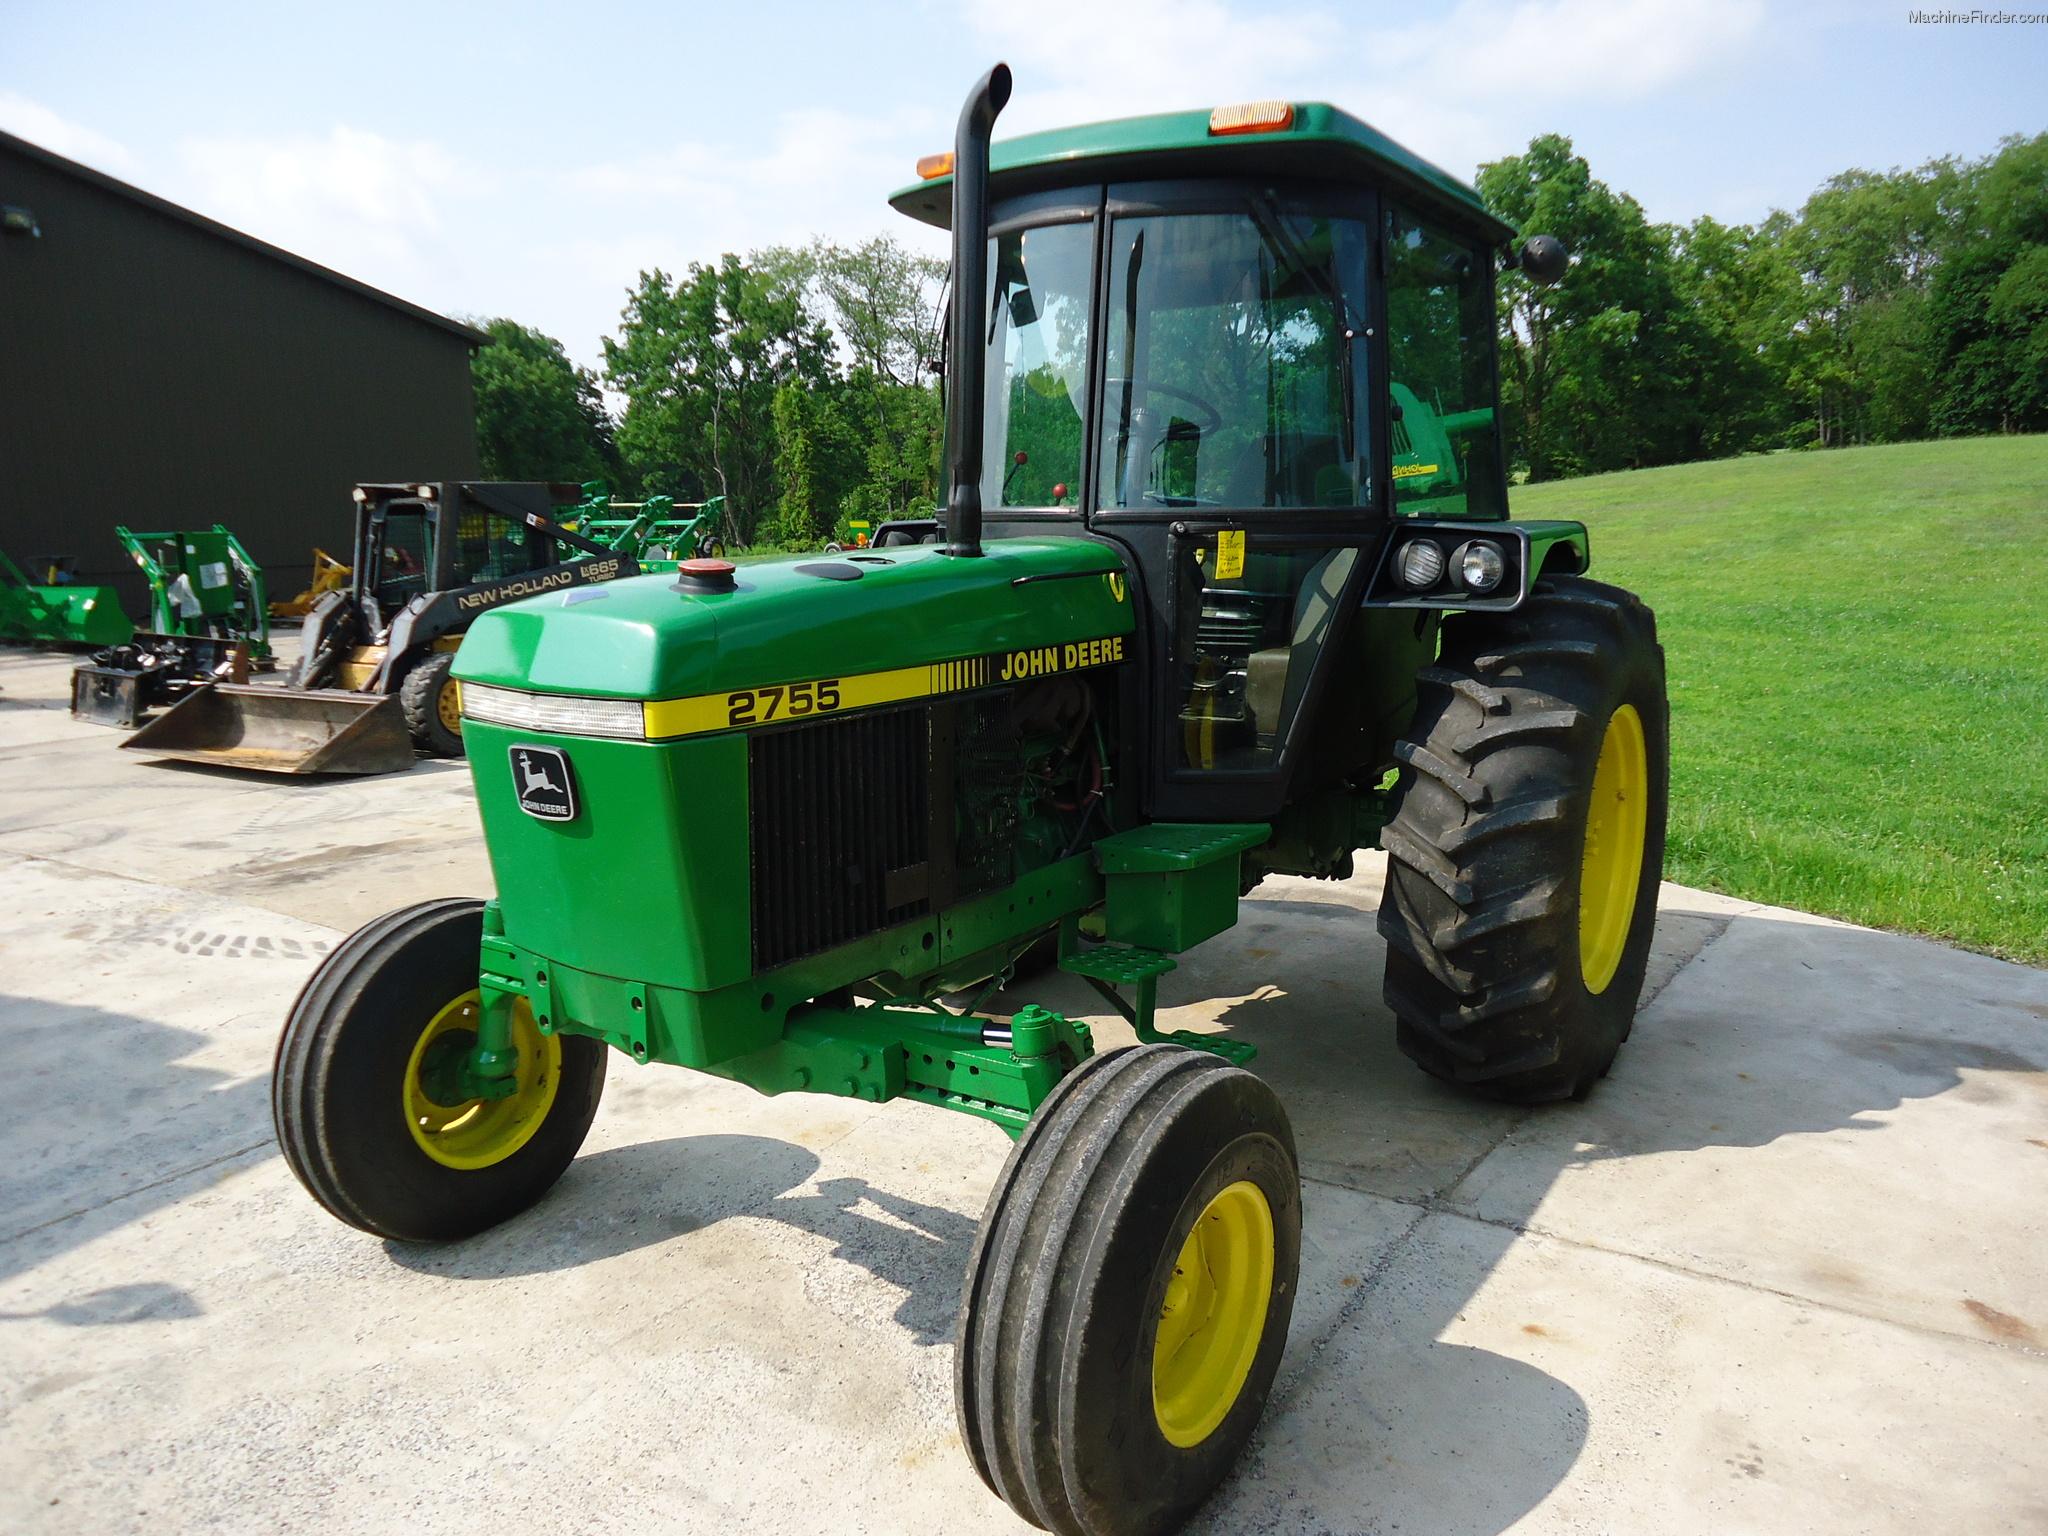 1990 John Deere 2755 Tractors - Utility (40-100hp)